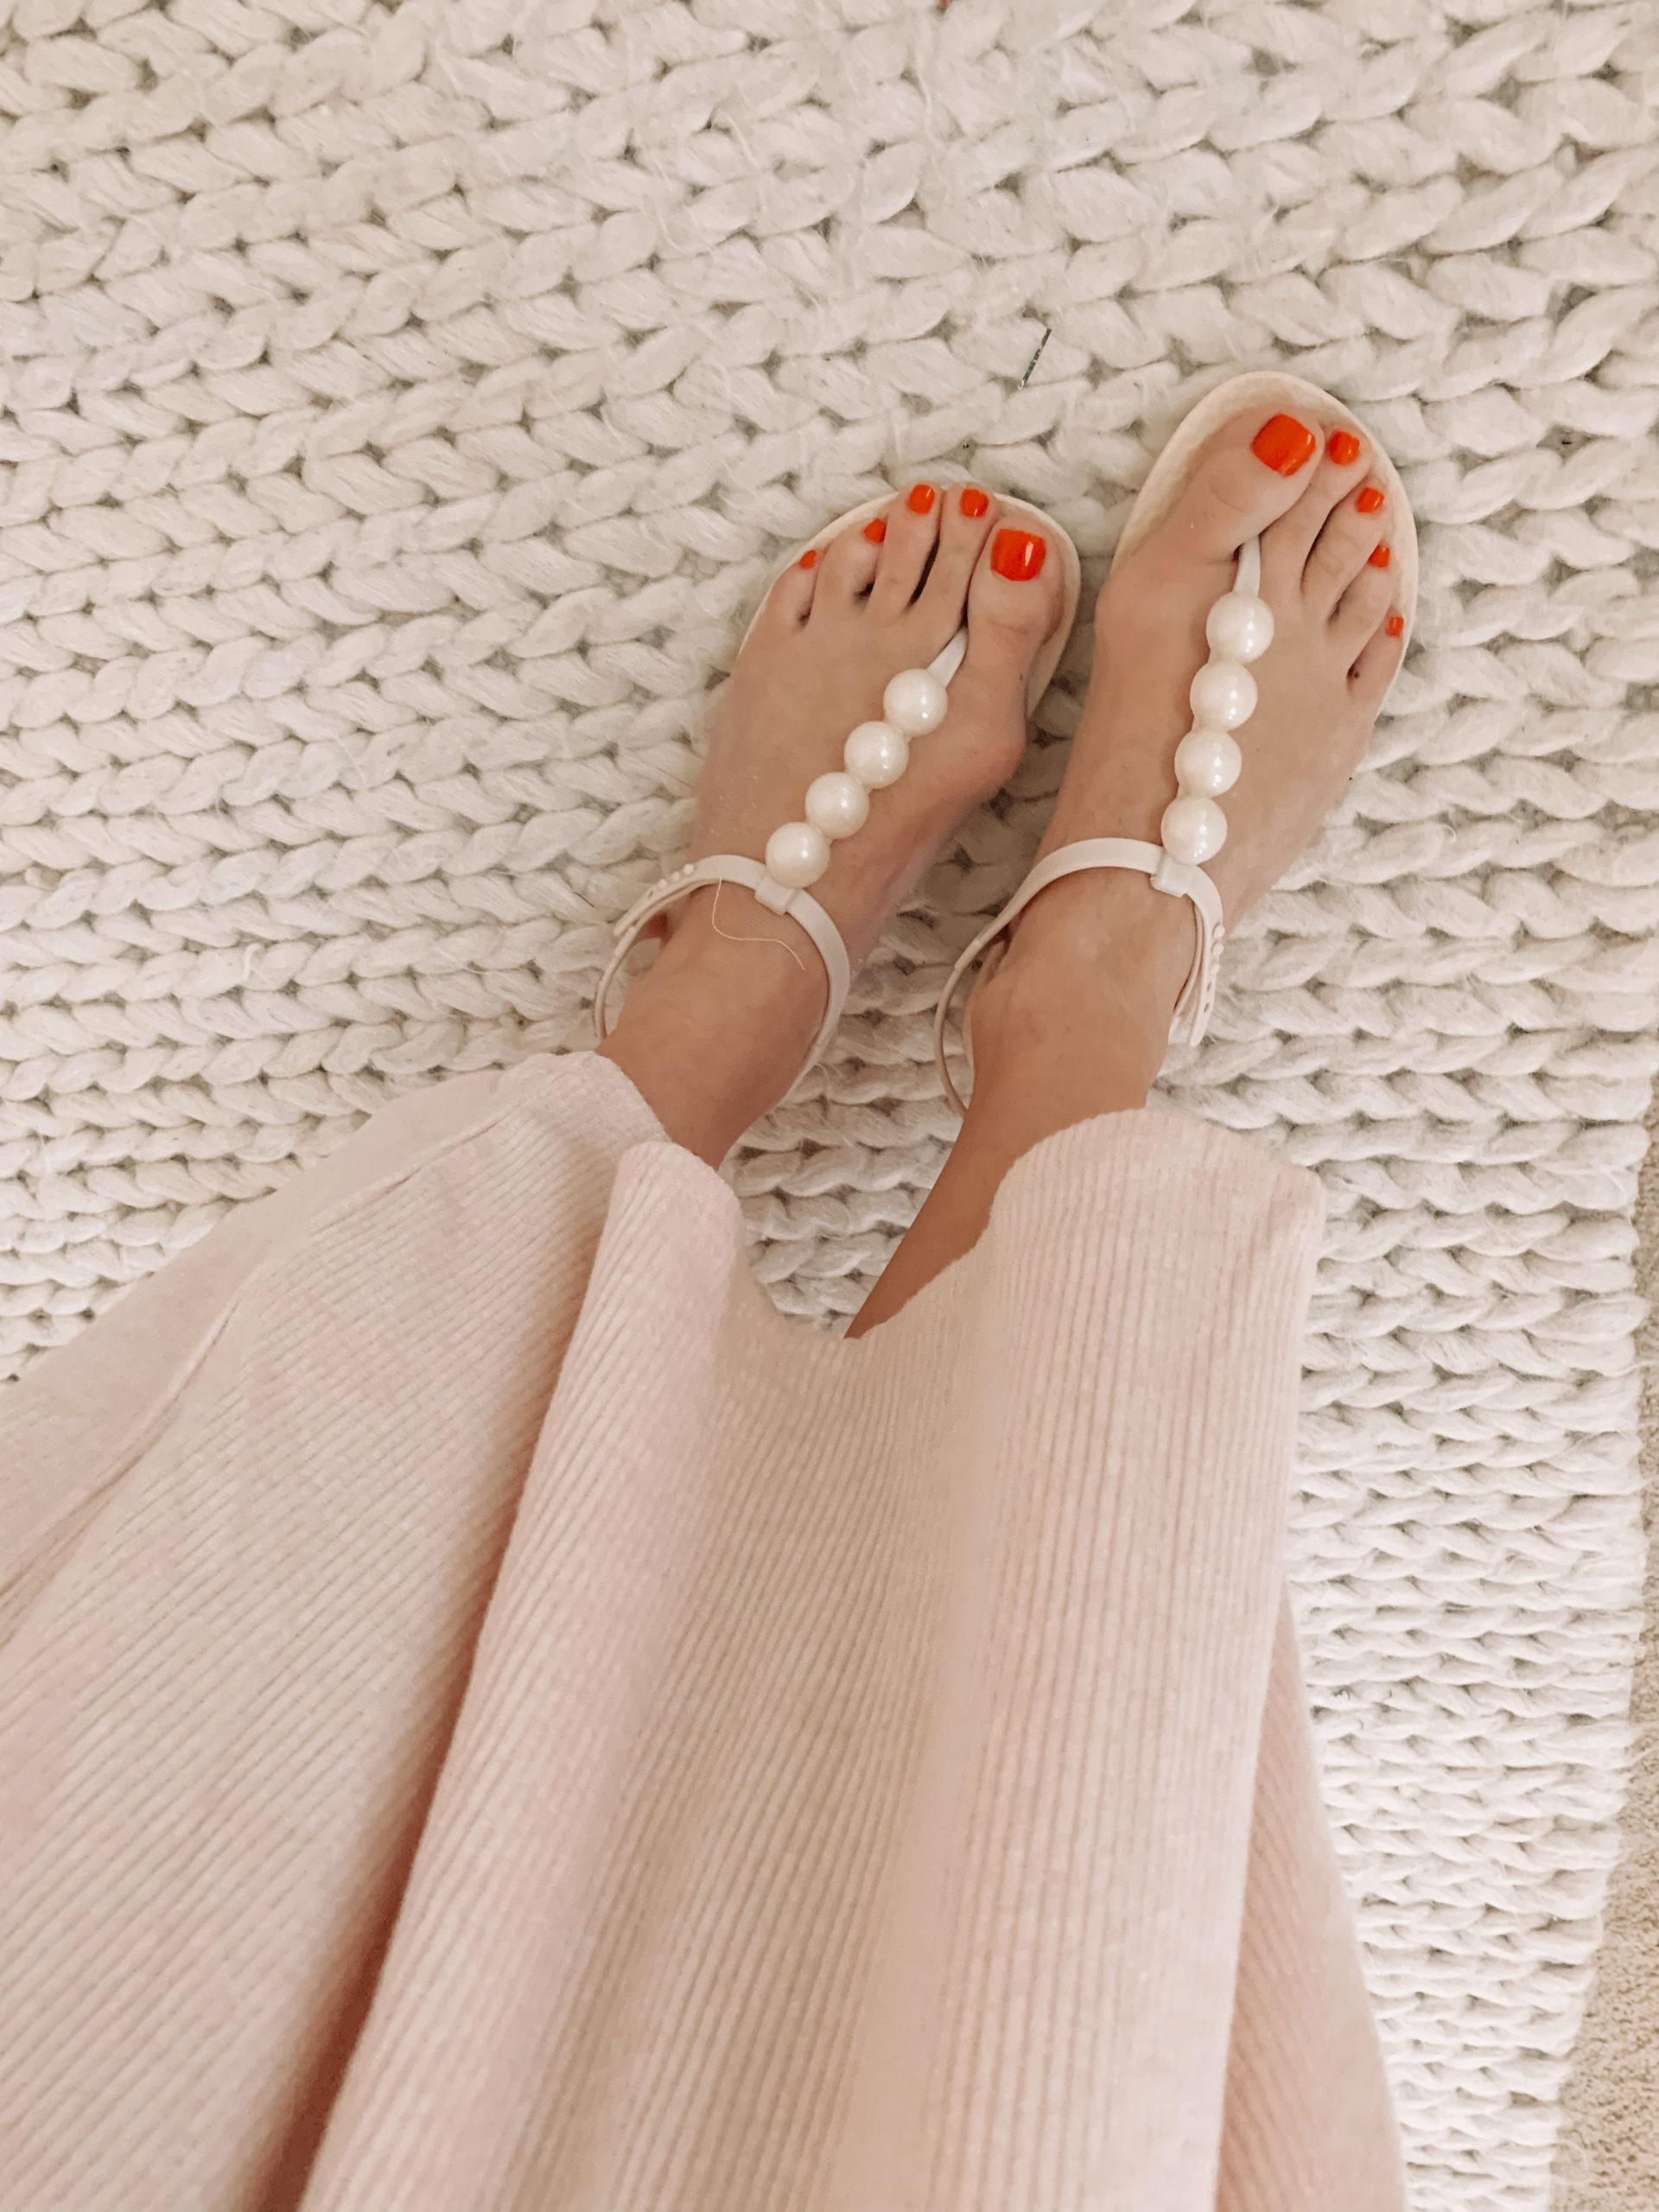 Amazon Fashion - White Sandals